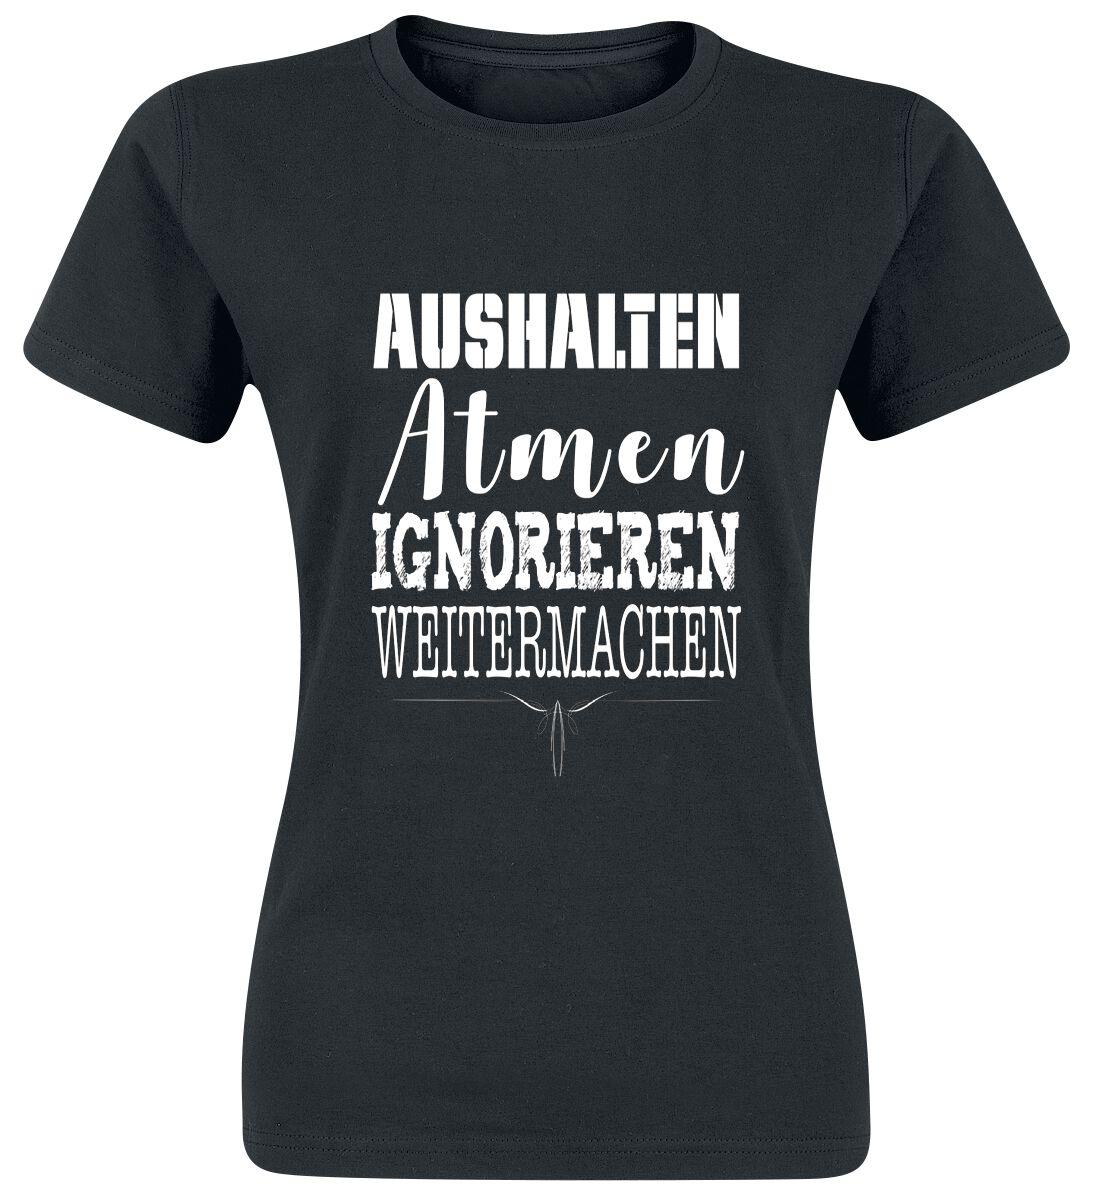 Image of Aushalten - Atmen - Ignorieren - Weitermachen Girl-Shirt schwarz